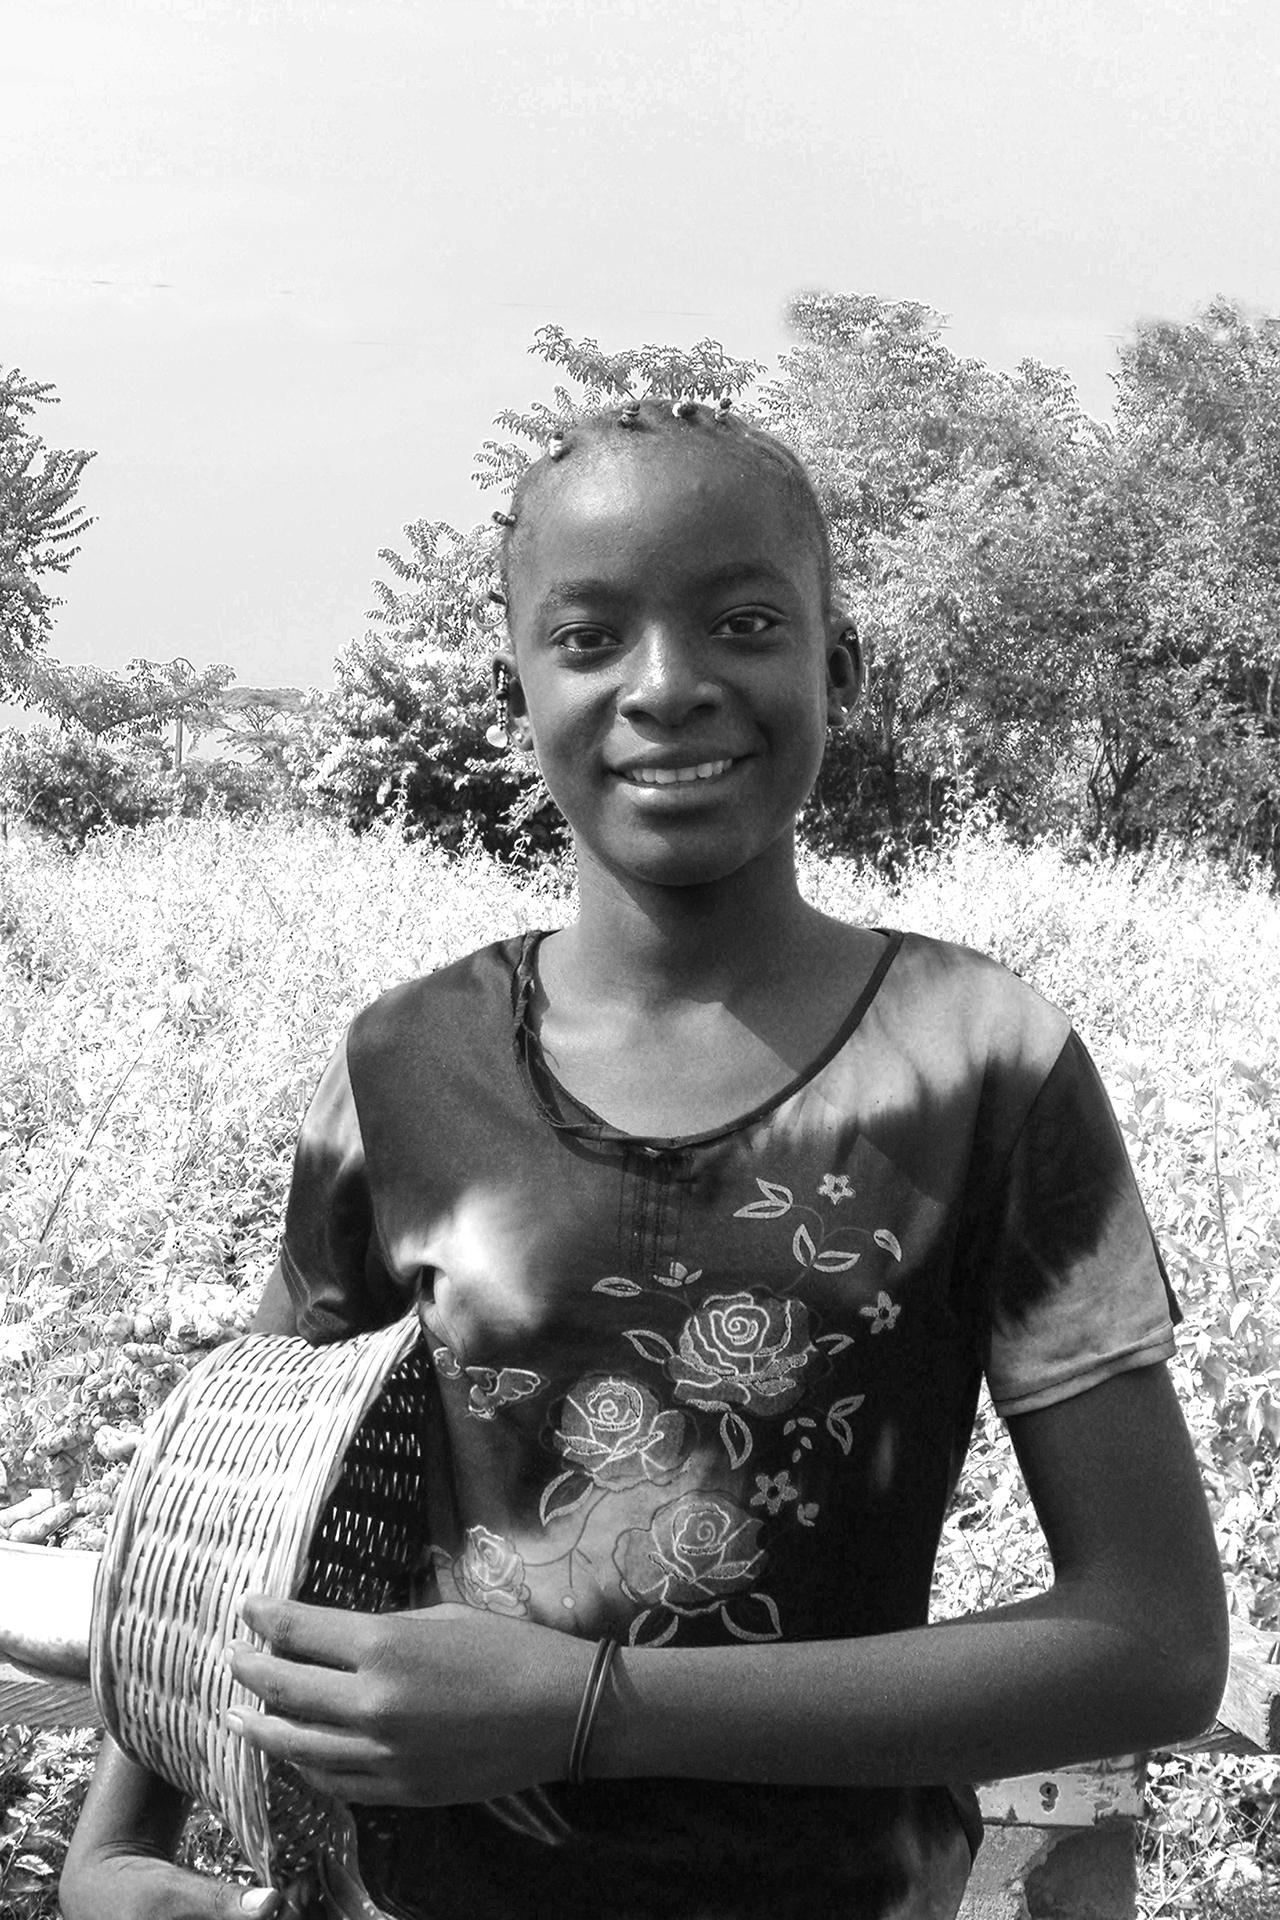 Sourire, gentil sourire 3. 2007, Sur la route d'ABENGOUROU, Côte d'Ivoire